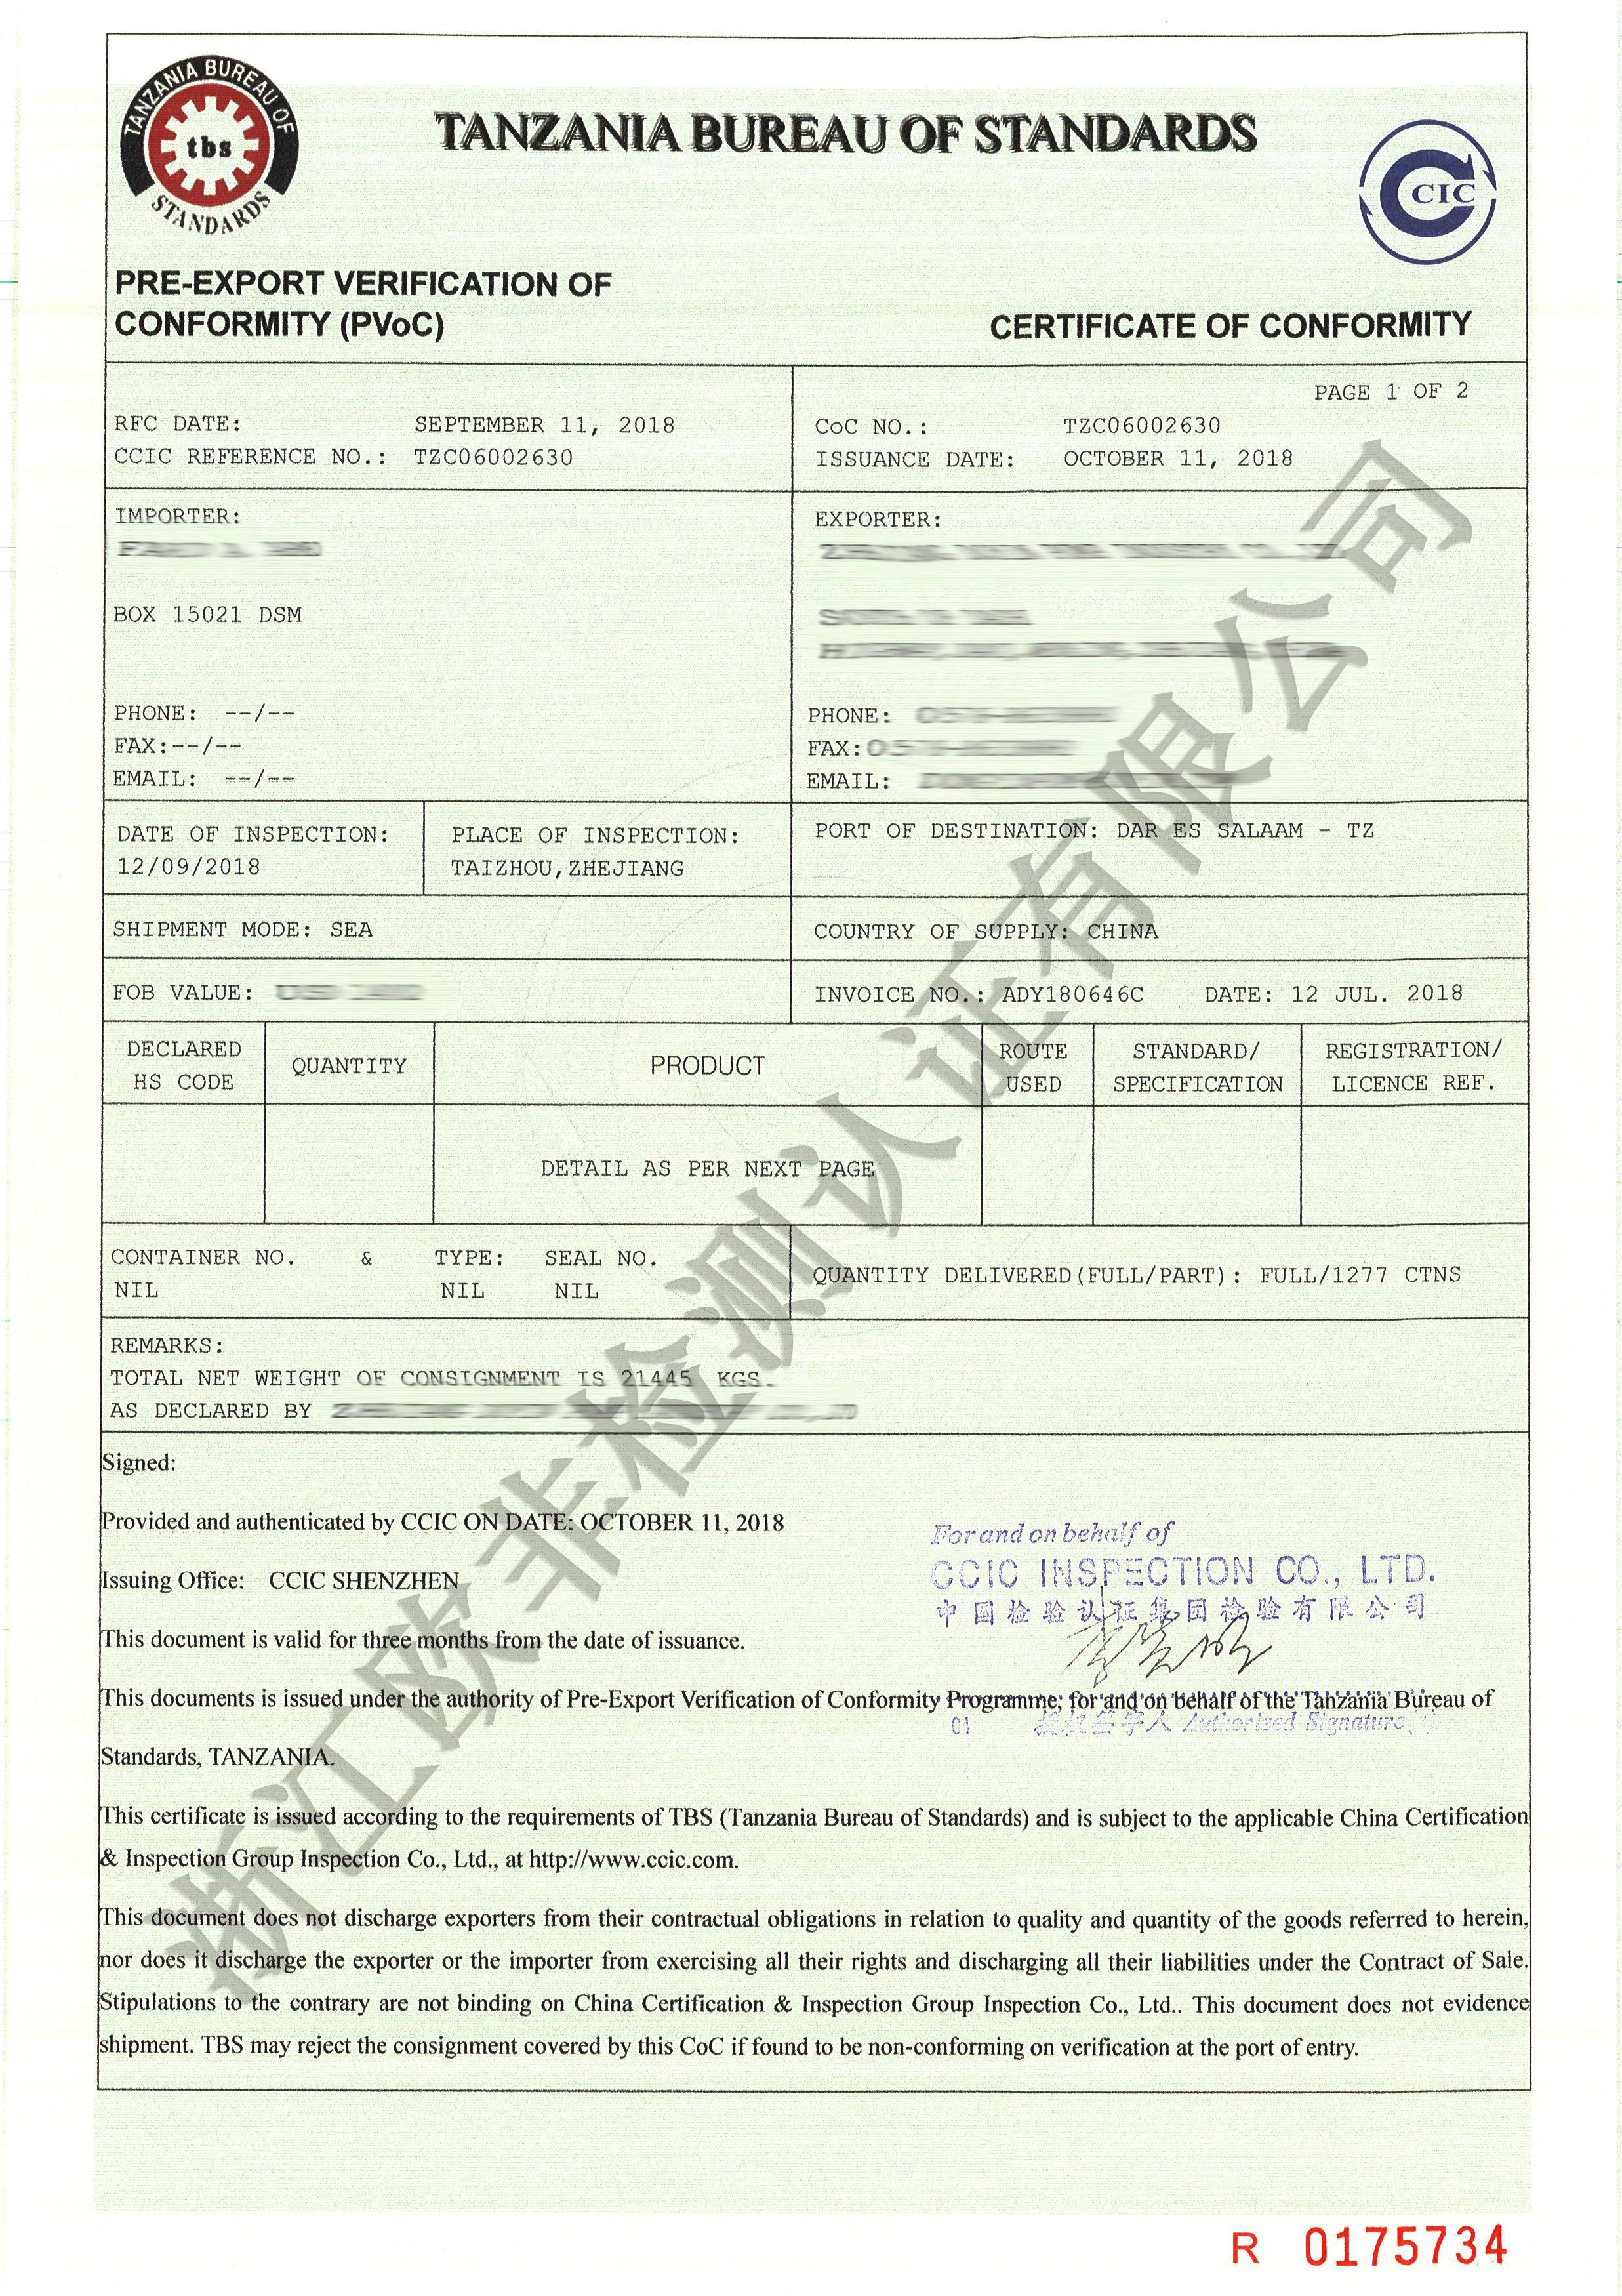 坦桑尼亚PVOC证书 CCIC